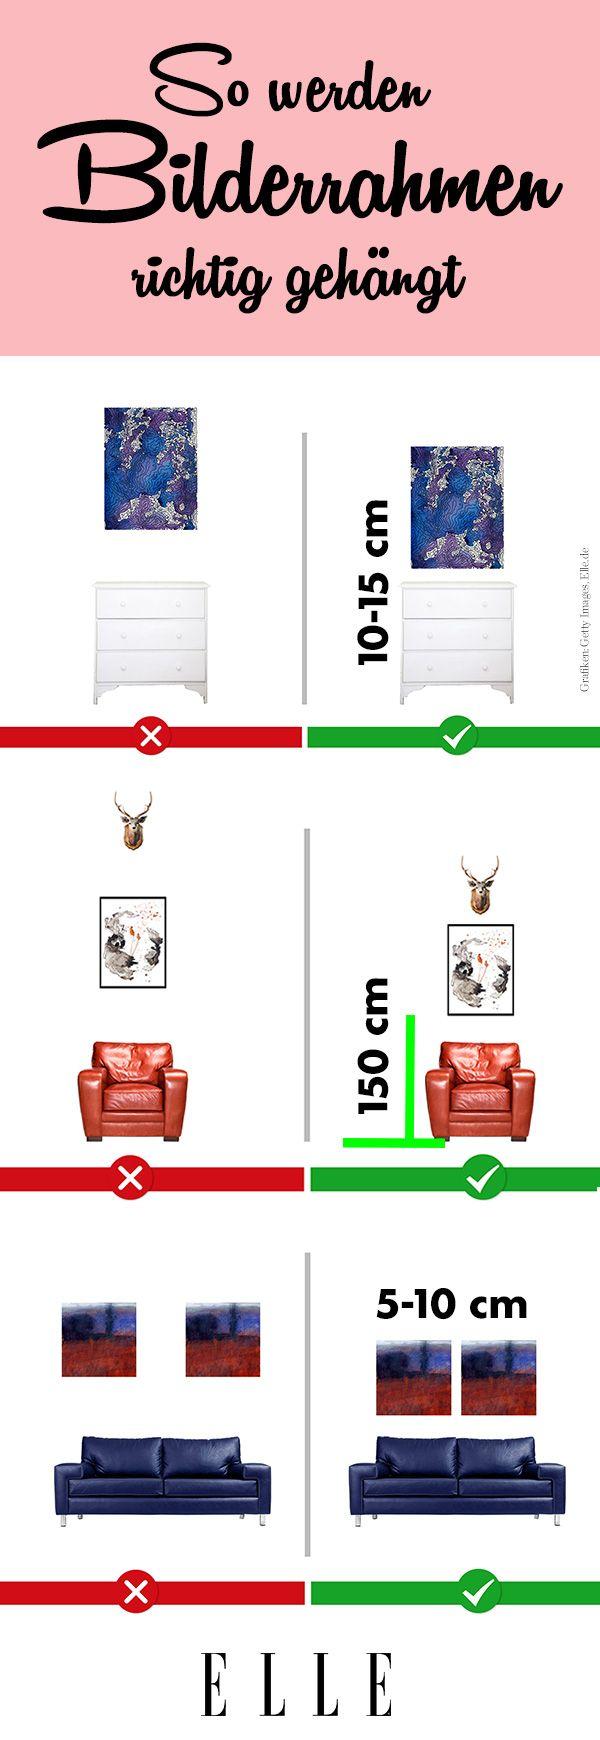 ägyptisches badezimmerdekor bilder aufhängen so findest du die ideale höhe  composición